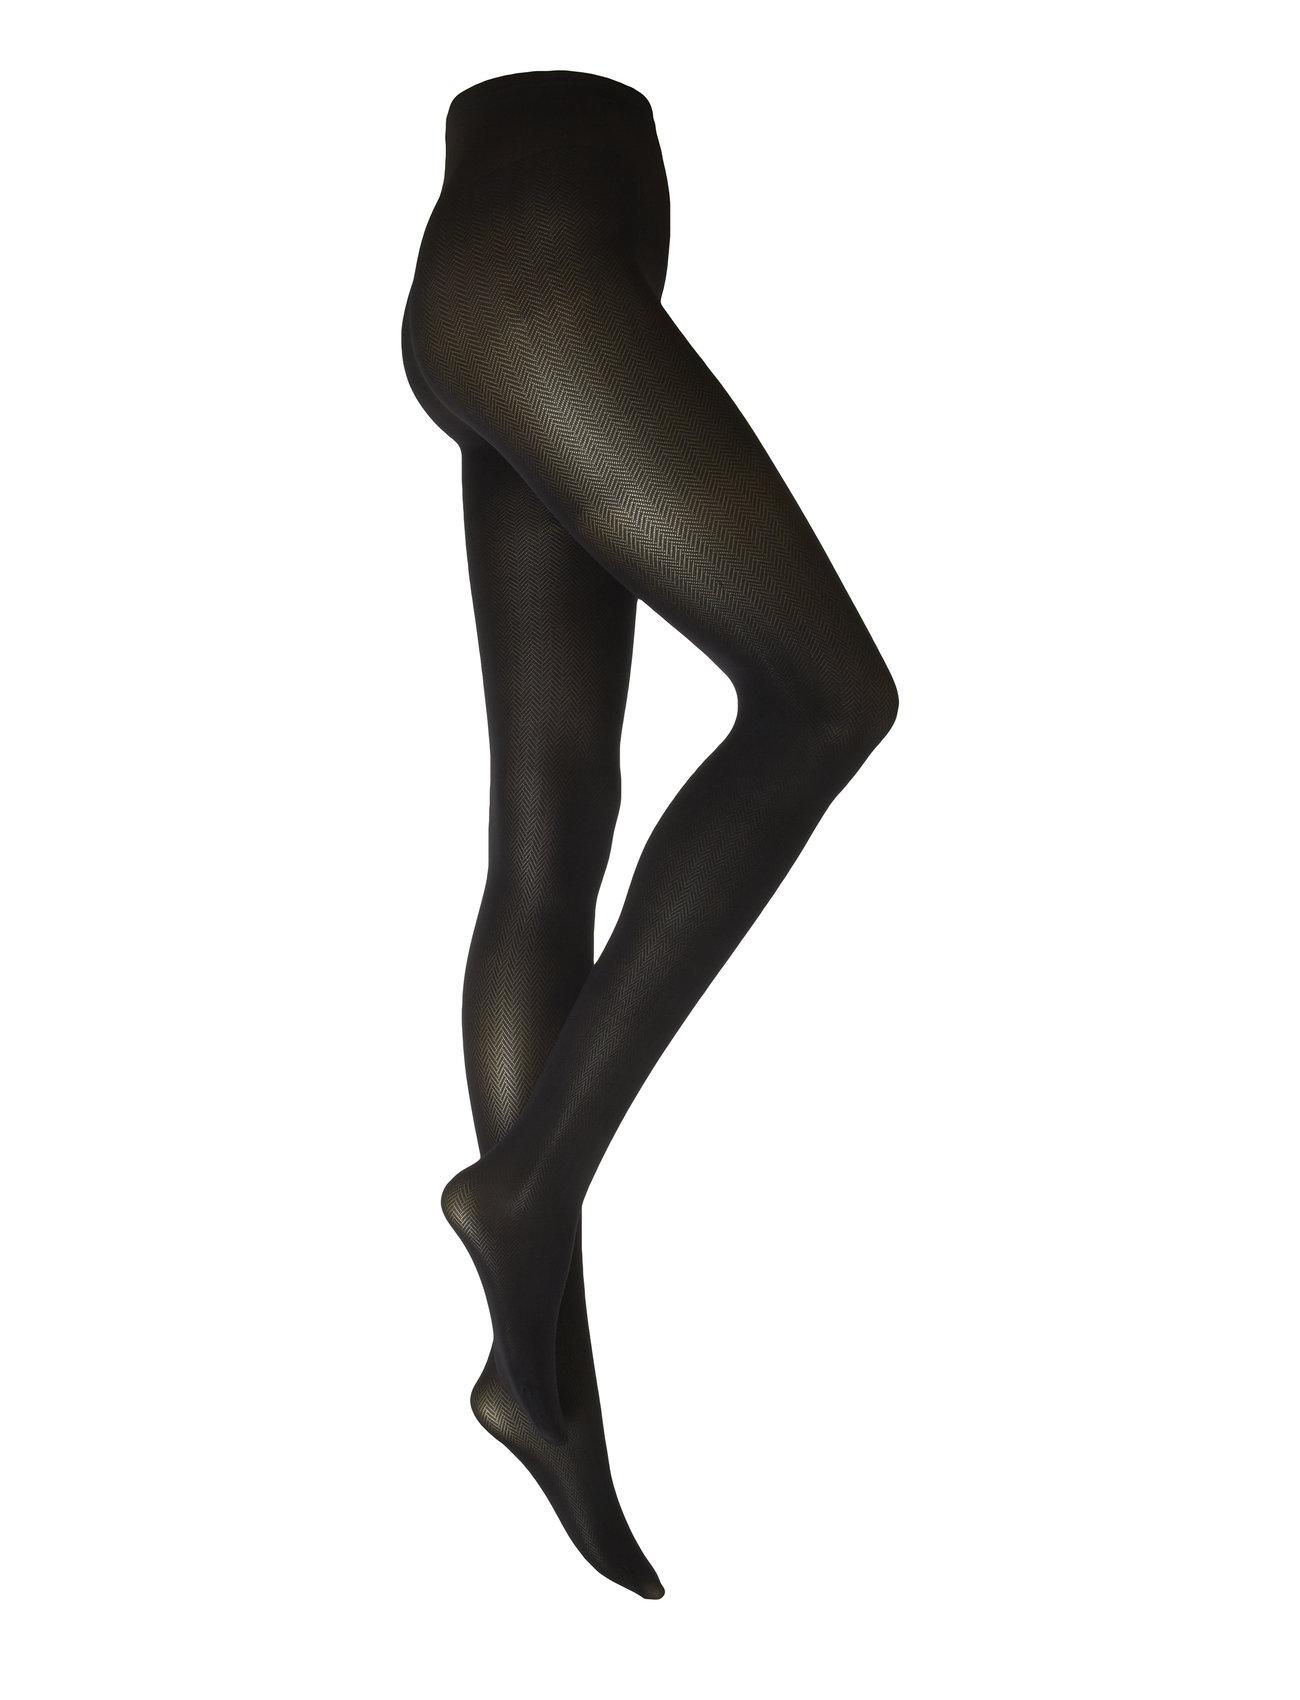 Swedish Stockings Nina Fishbone tights 40D - BLACK